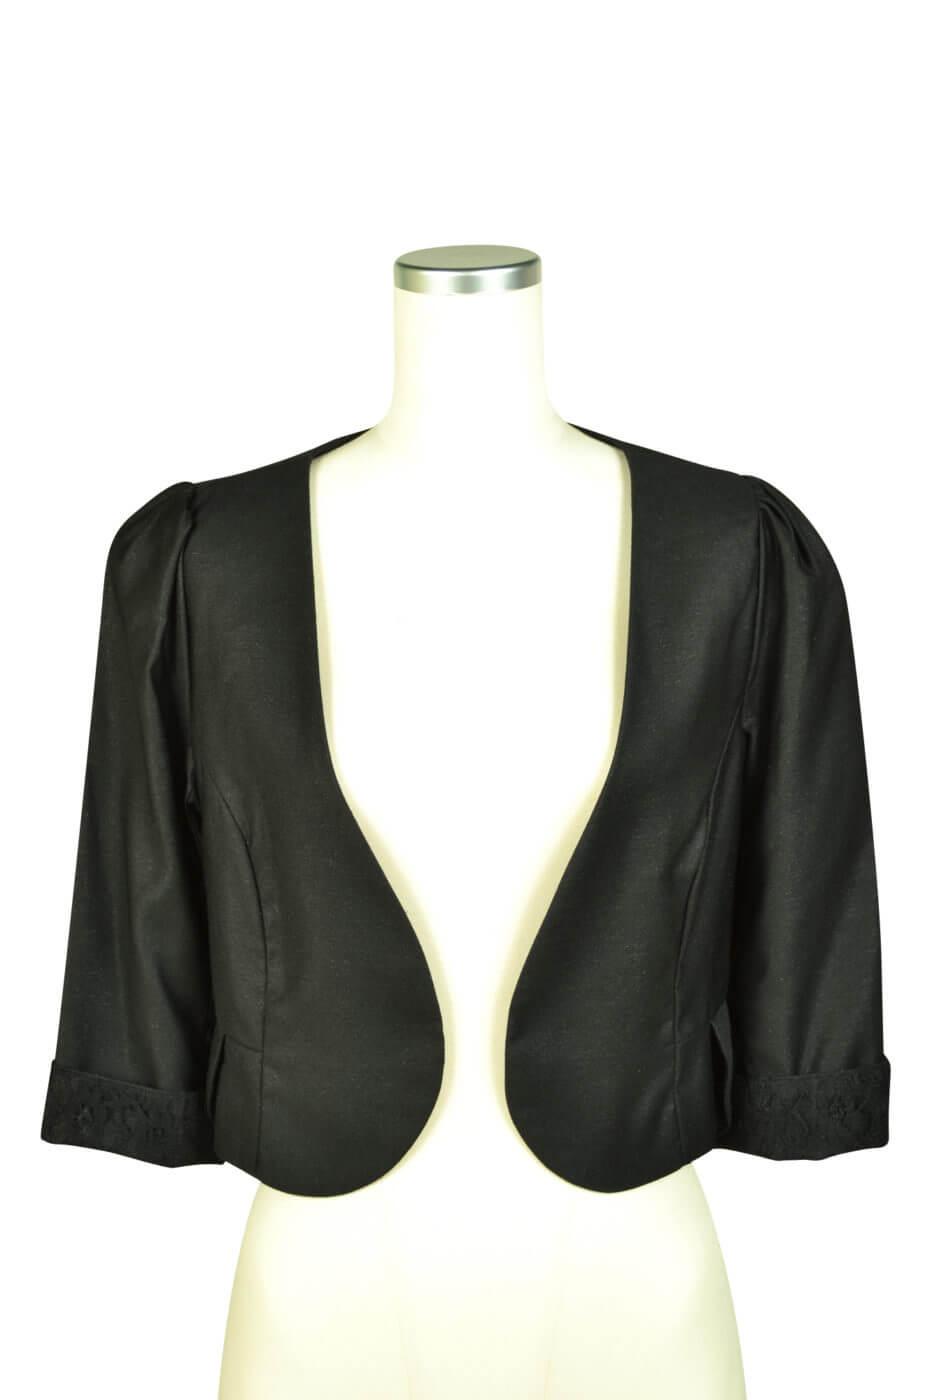 ミベル ミューズ (mebelle muse)ブラックレースジャケット